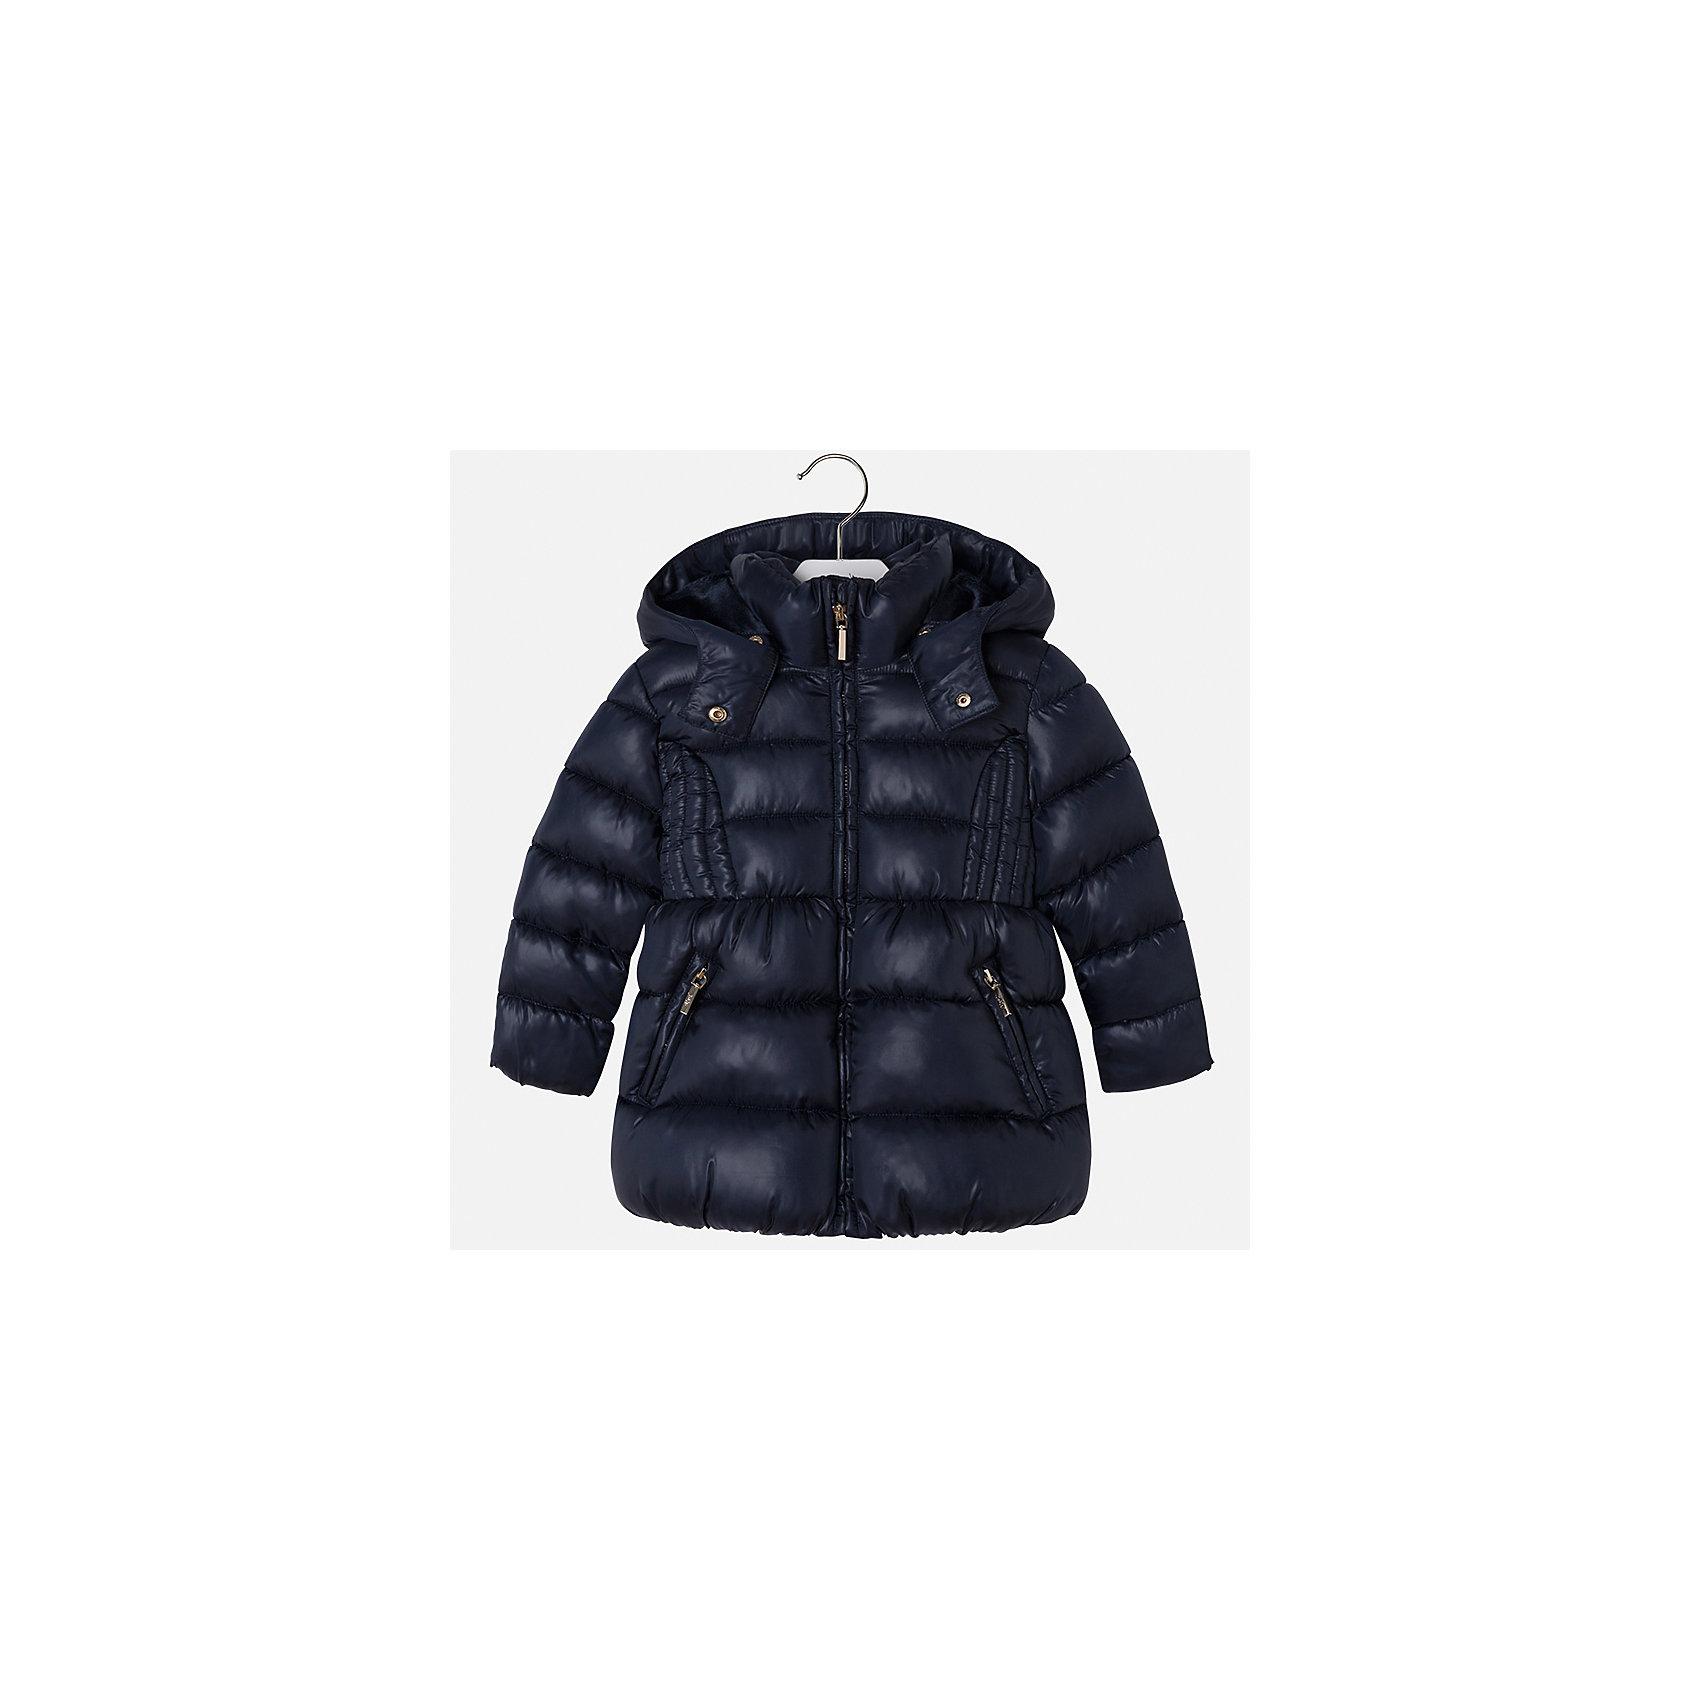 Куртка Mayoral для девочкиВерхняя одежда<br>Характеристики товара:<br><br>• цвет: синий<br>• состав ткани: 100% полиэстер<br>• подкладка: 100% полиэстер<br>• утеплитель: 100% полиэстер<br>• сезон: демисезон<br>• температурный режим: от -10 до +10<br>• особенности куртки: дутая, с капюшоном<br>• капюшон: съемный<br>• застежка: молния<br>• страна бренда: Испания<br>• страна изготовитель: Индия<br><br>Синяя детская куртка подойдет для прохладной погоды и небольшого мороза. Благодаря качественной ткани детской куртки для девочки создаются комфортные условия для тела. Стильная девочки для девочки отличается стильным продуманным дизайном.<br><br>Куртку для девочки Mayoral (Майорал) можно купить в нашем интернет-магазине.<br><br>Ширина мм: 356<br>Глубина мм: 10<br>Высота мм: 245<br>Вес г: 519<br>Цвет: синий<br>Возраст от месяцев: 96<br>Возраст до месяцев: 108<br>Пол: Женский<br>Возраст: Детский<br>Размер: 134,92,98,104,110,116,122,128<br>SKU: 6920079